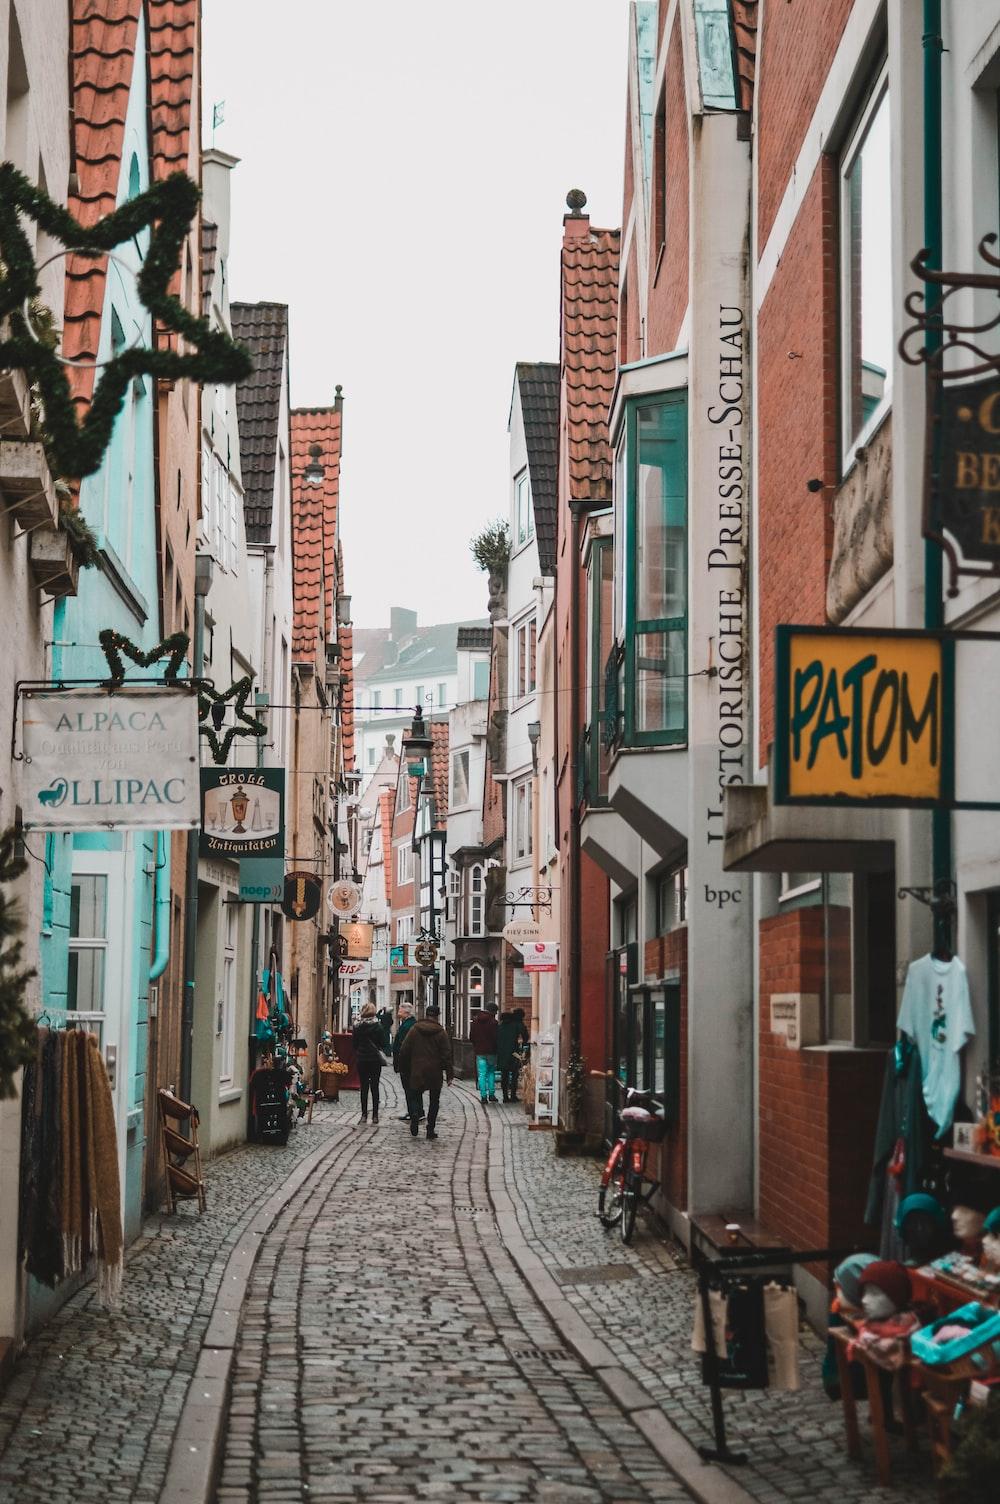 few people walking on pathway between buildings